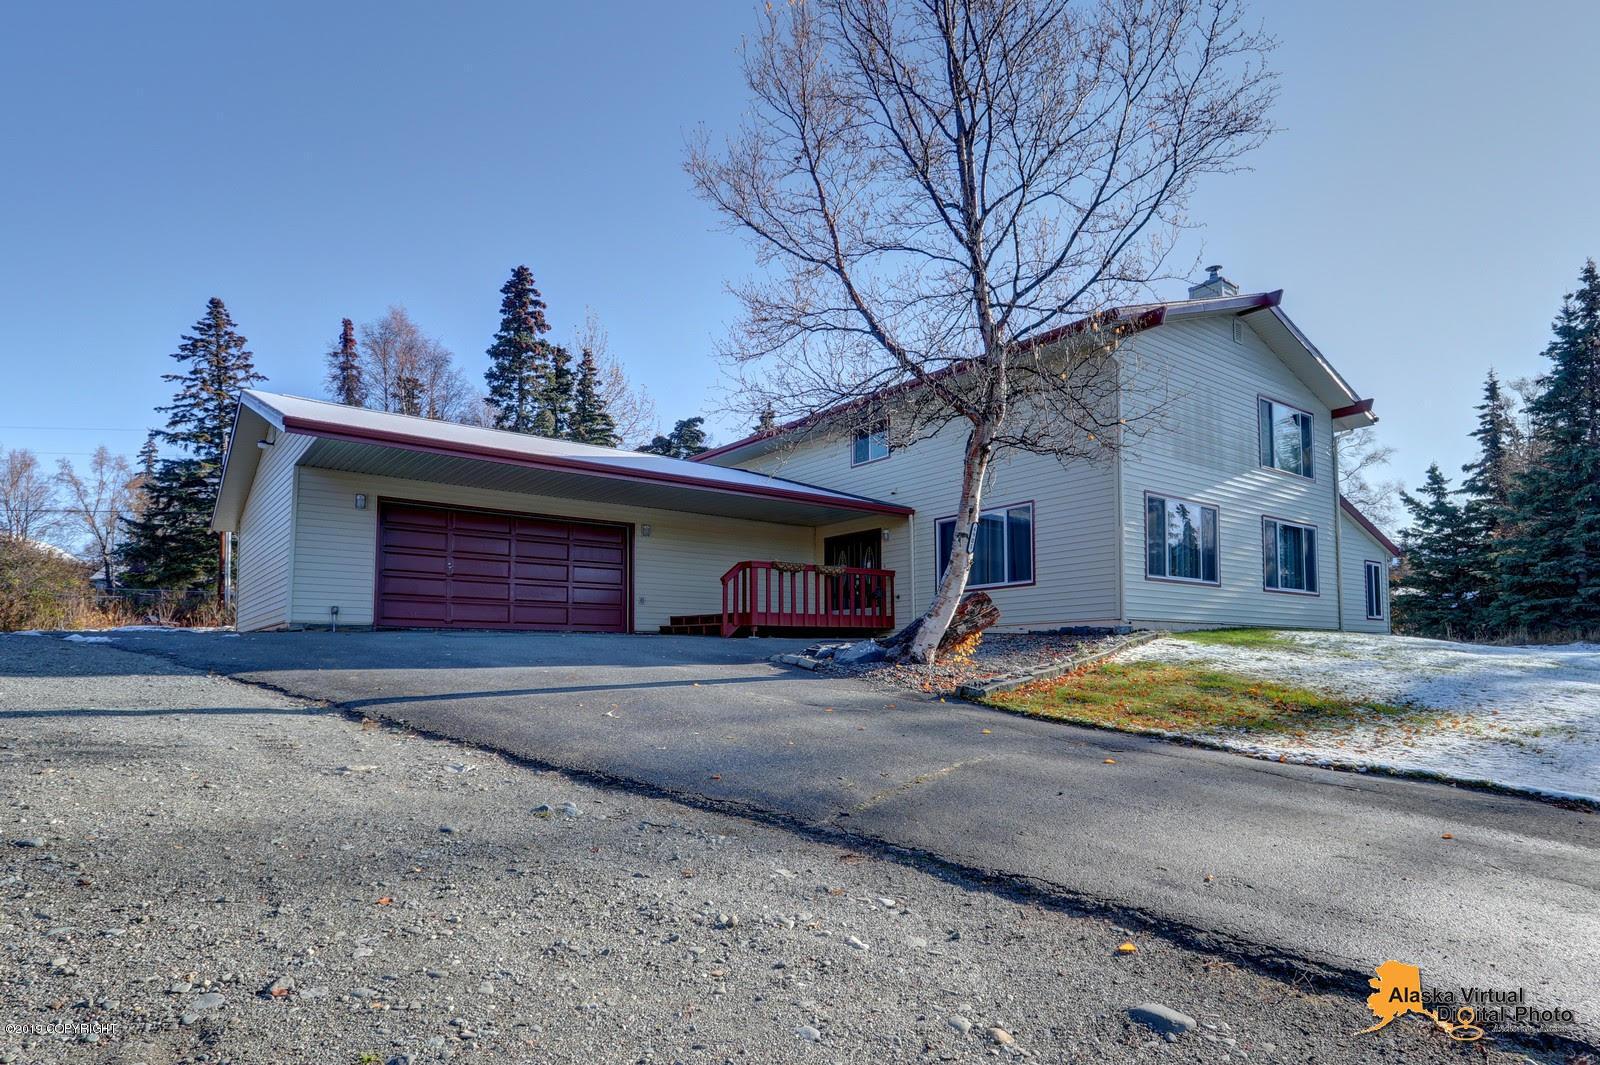 6901 Callaway, Anchorage